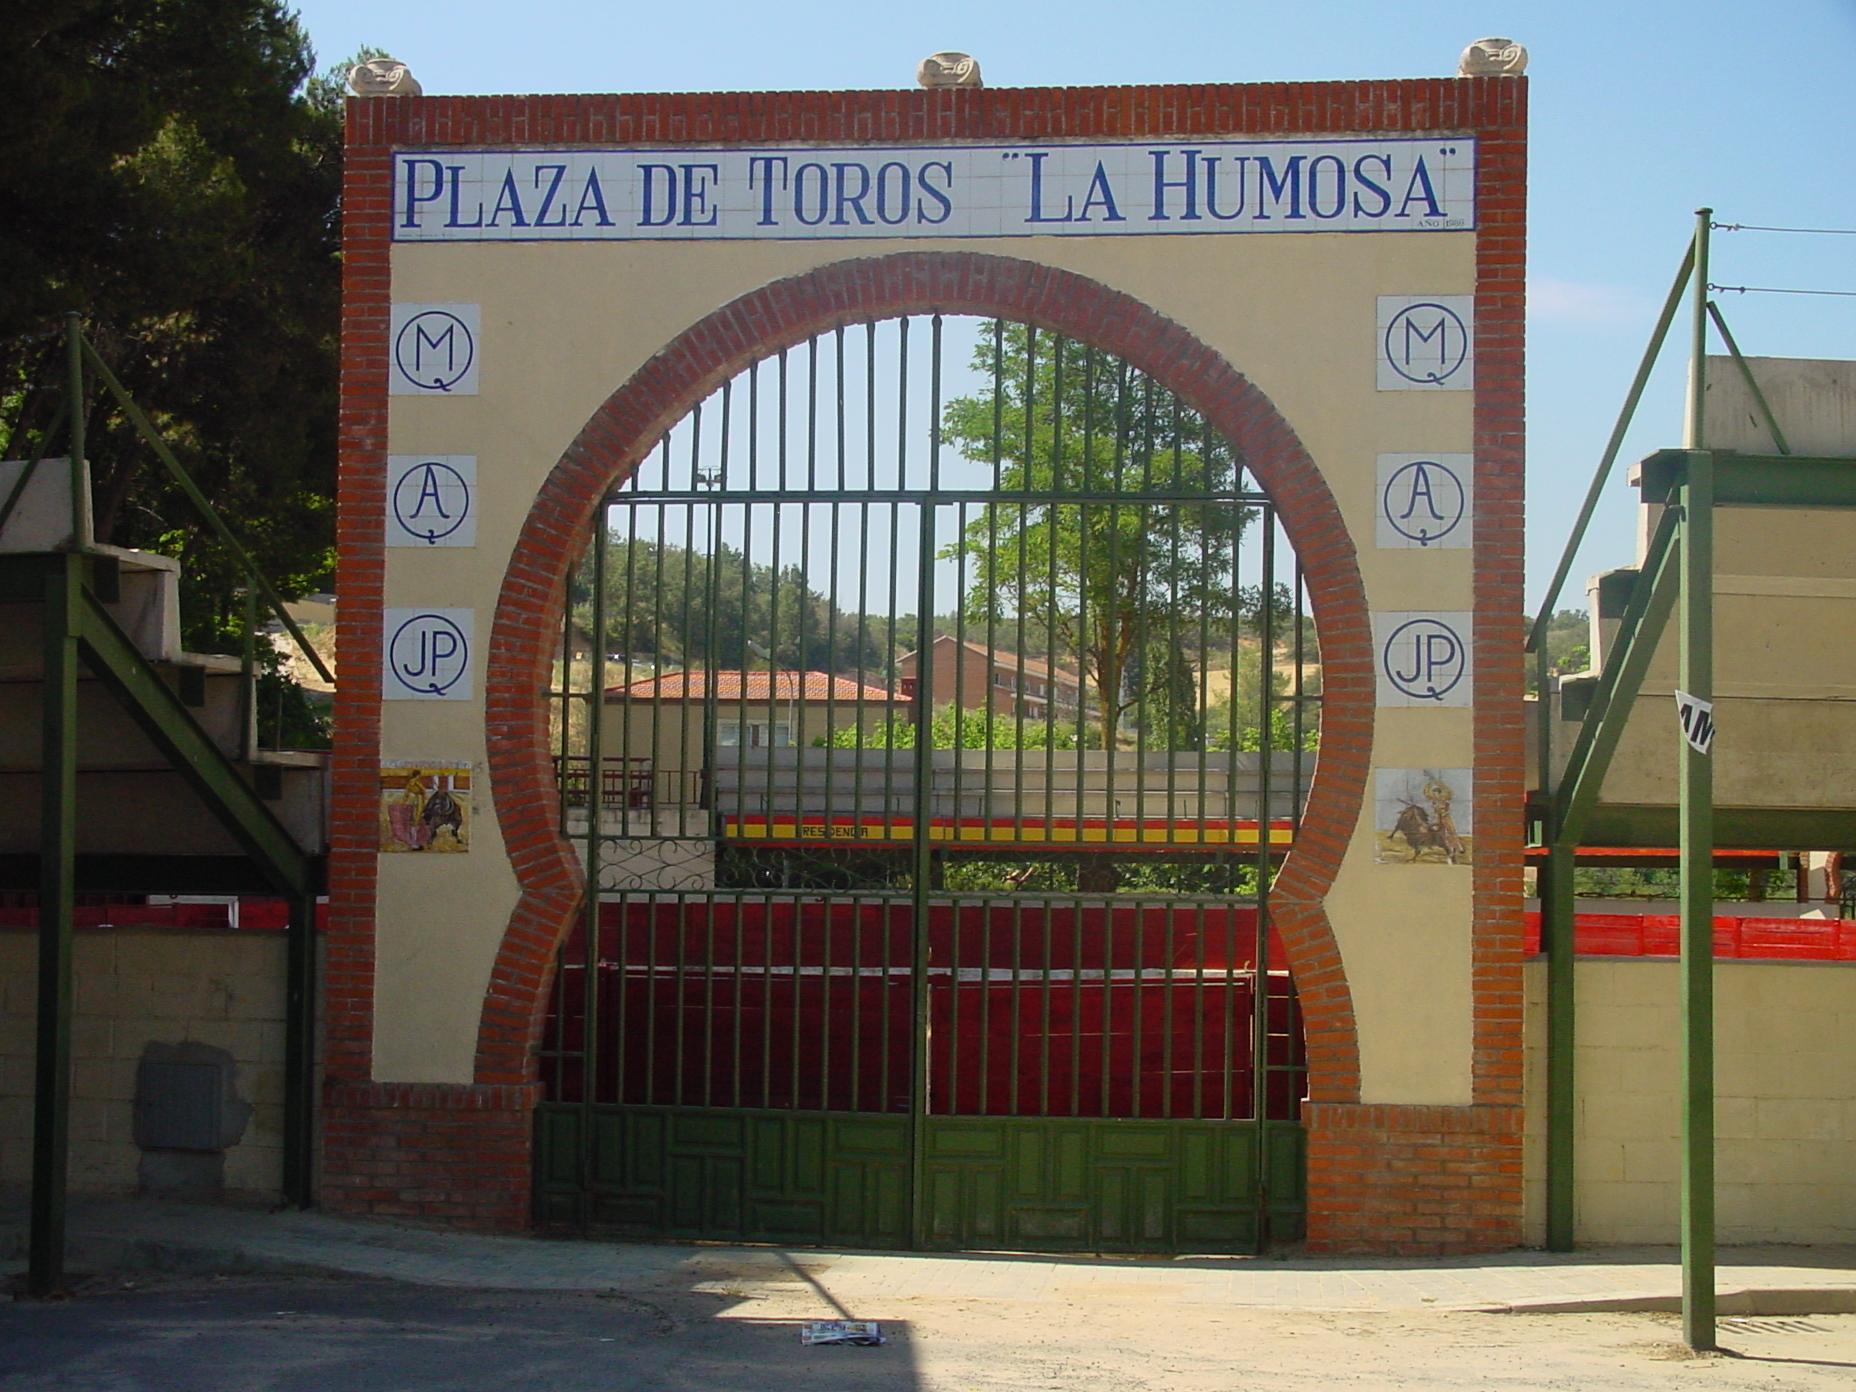 Plaza de toros de Los Santos de la Humosa